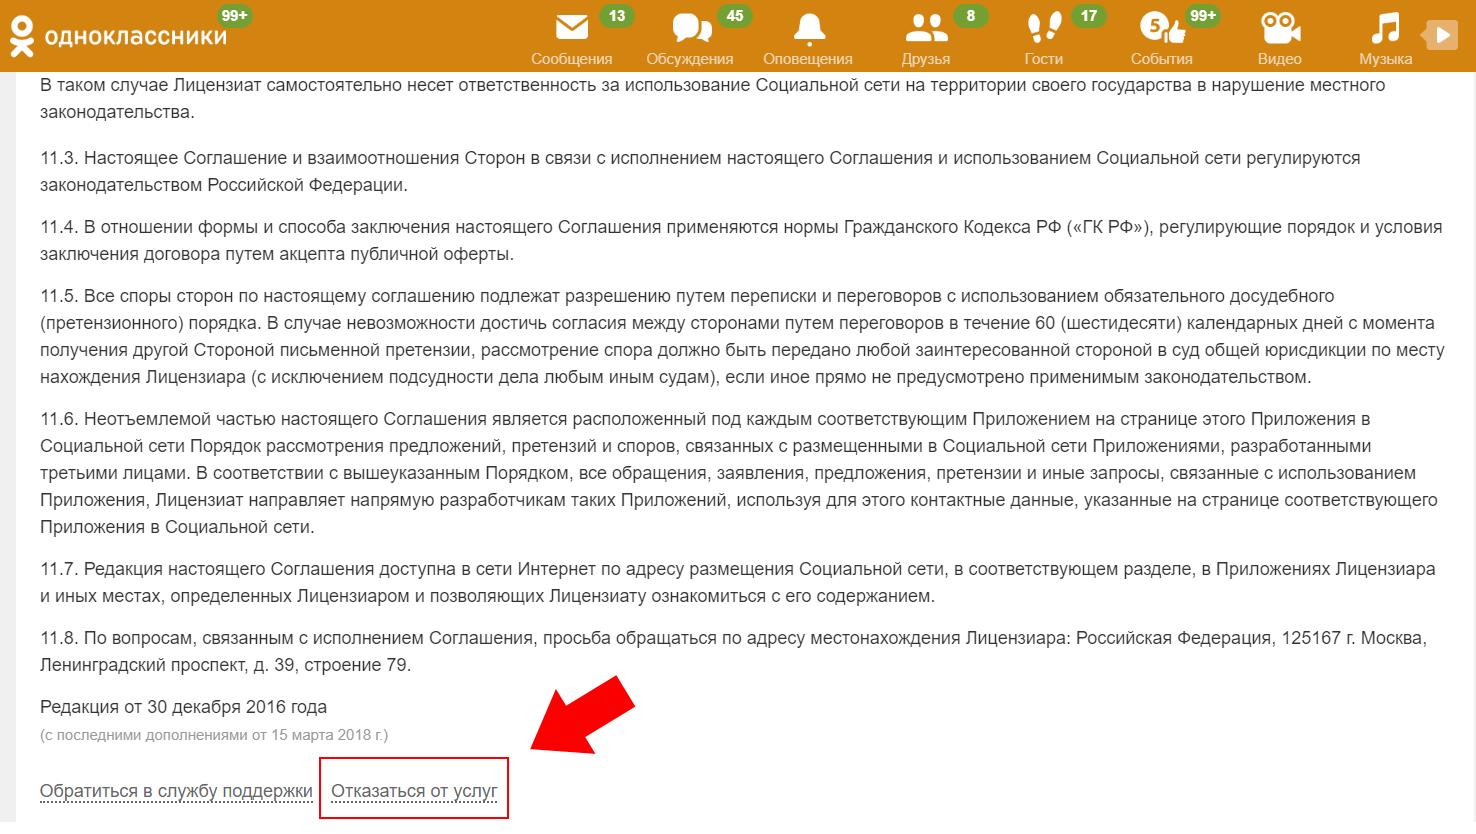 Как удалить пользовательский профиль в Одноклассниках